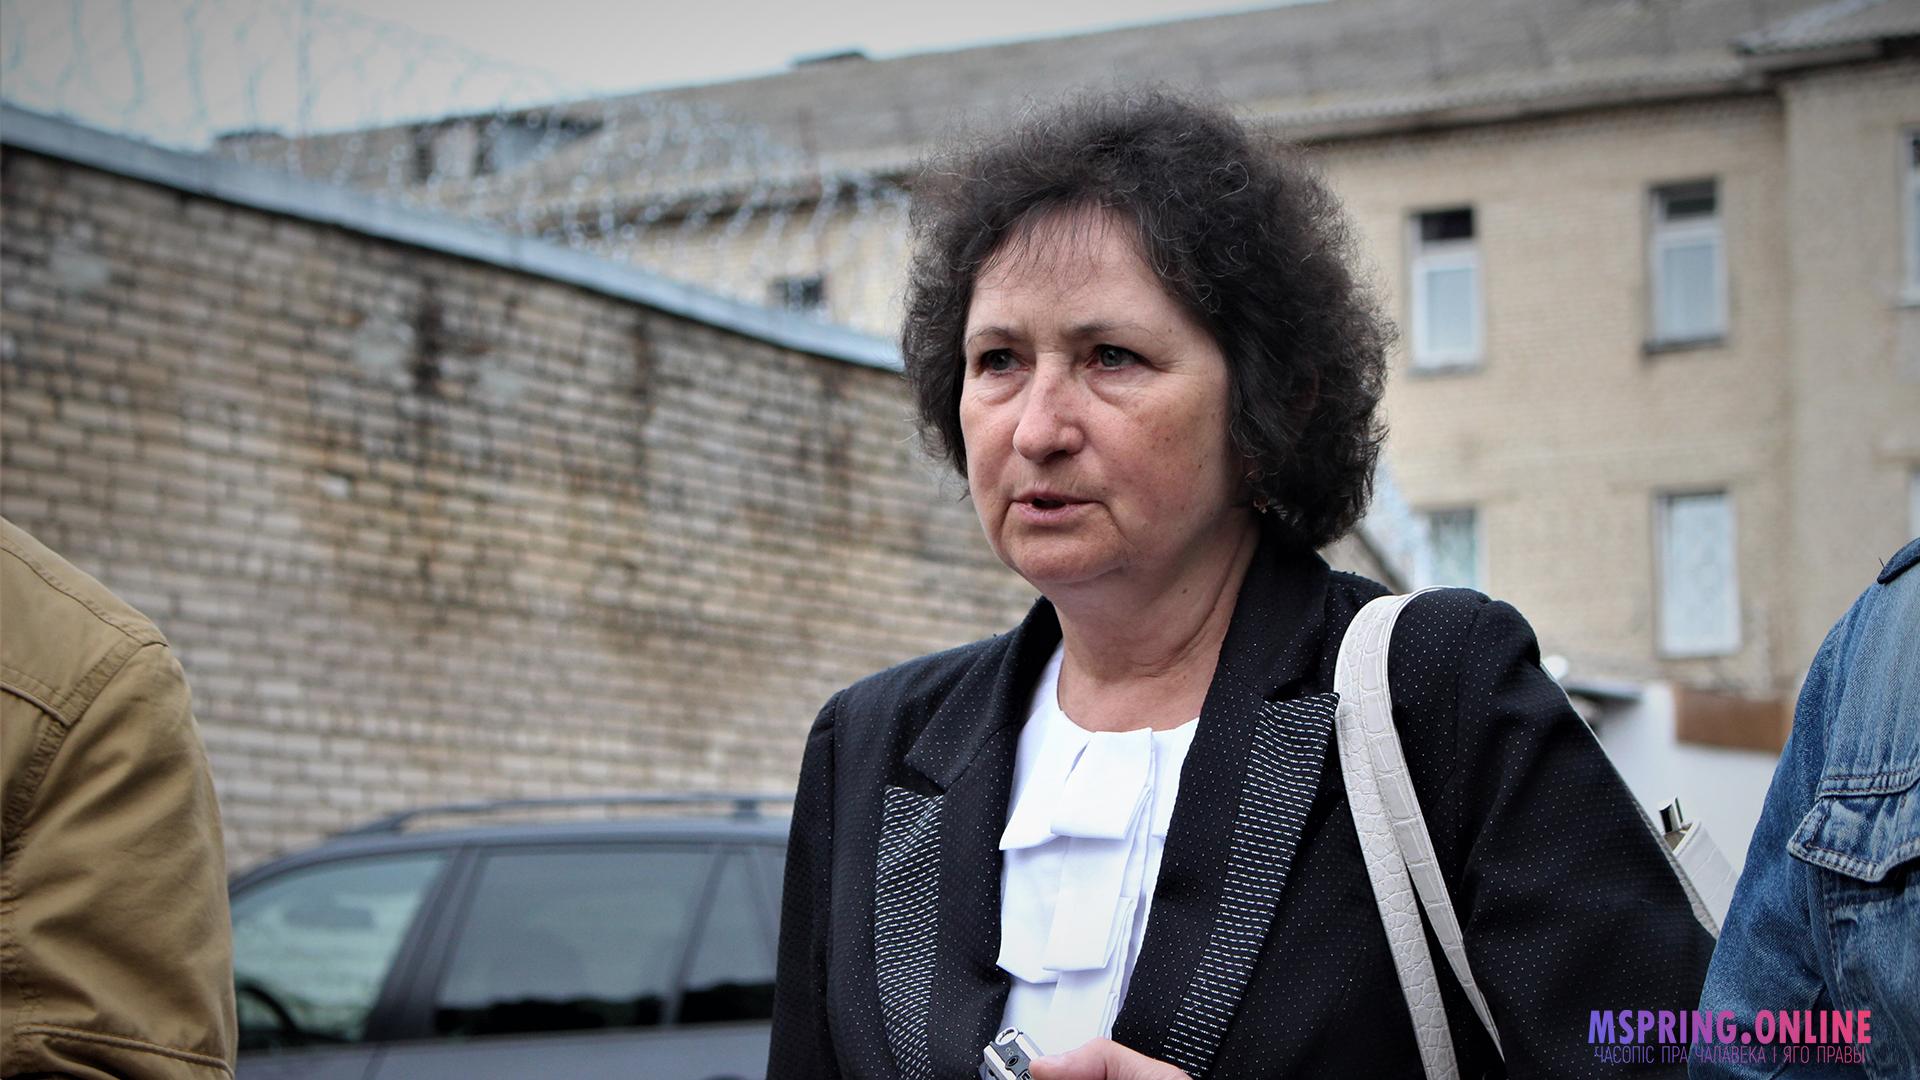 Дэпутат Палаты прадстаўнікоў Алена Анісім наведала магілёўскую турму